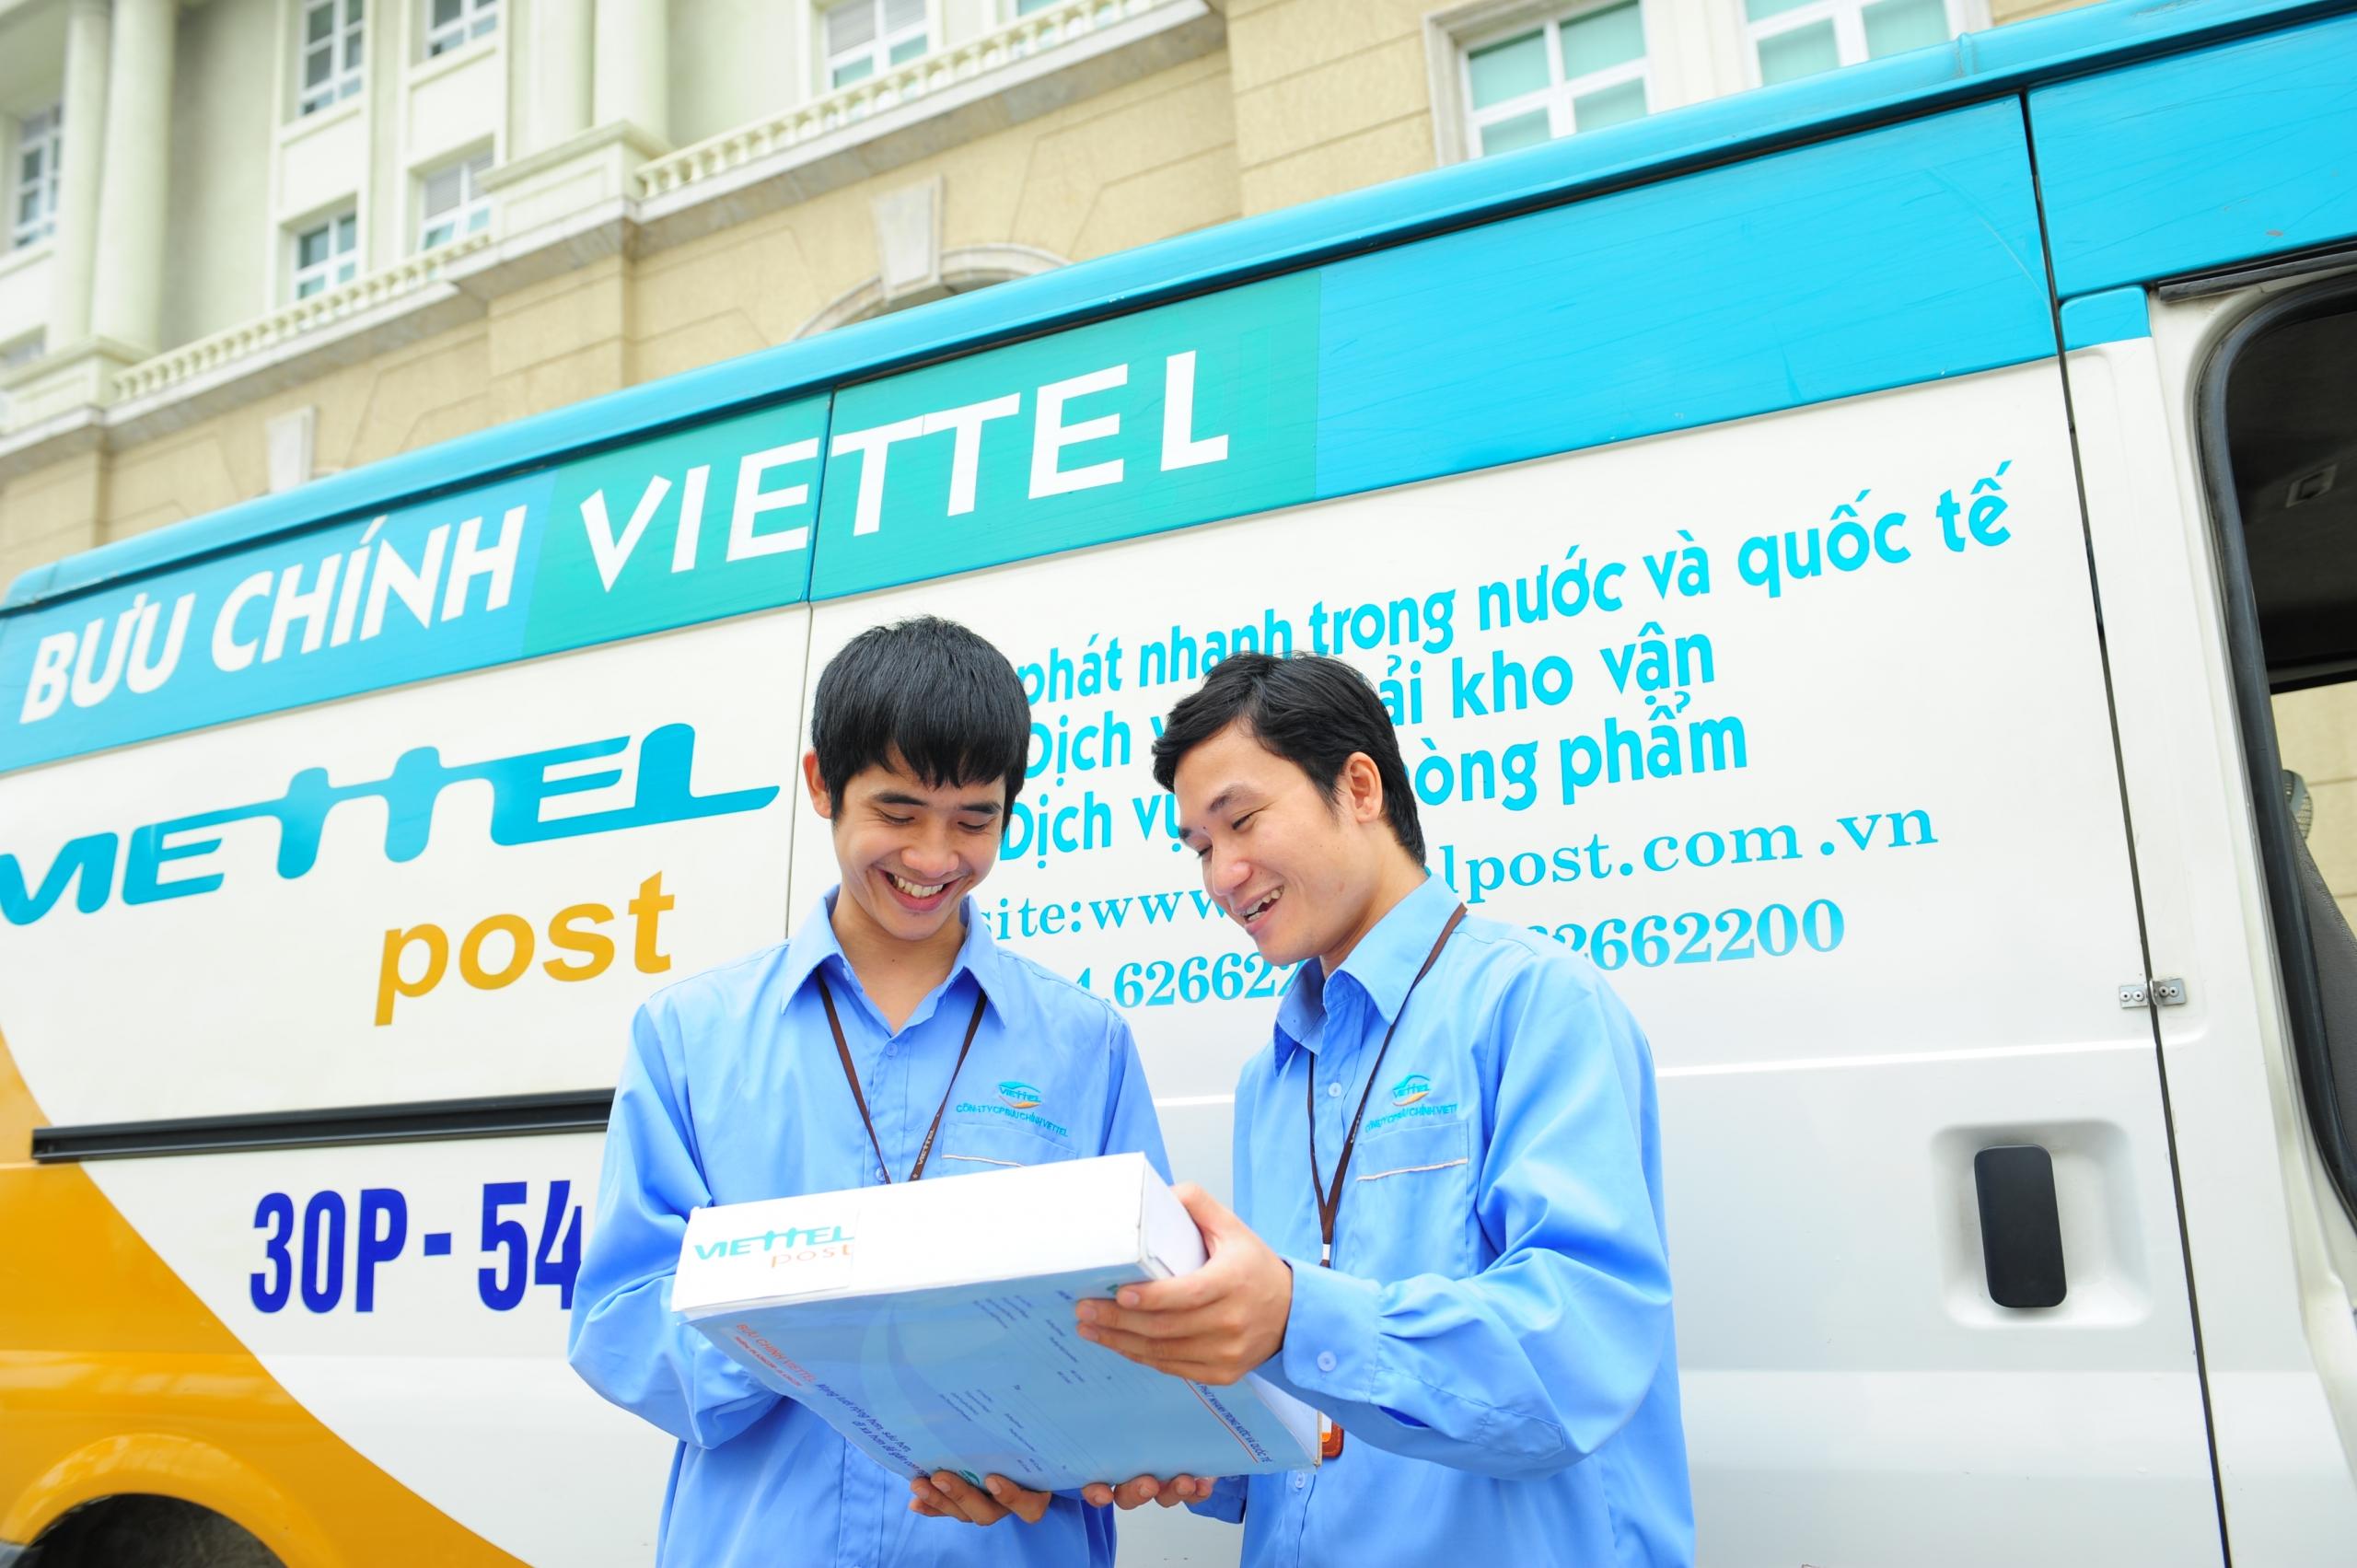 Bảng giá chuyển phát nhanh Viettel trong nước